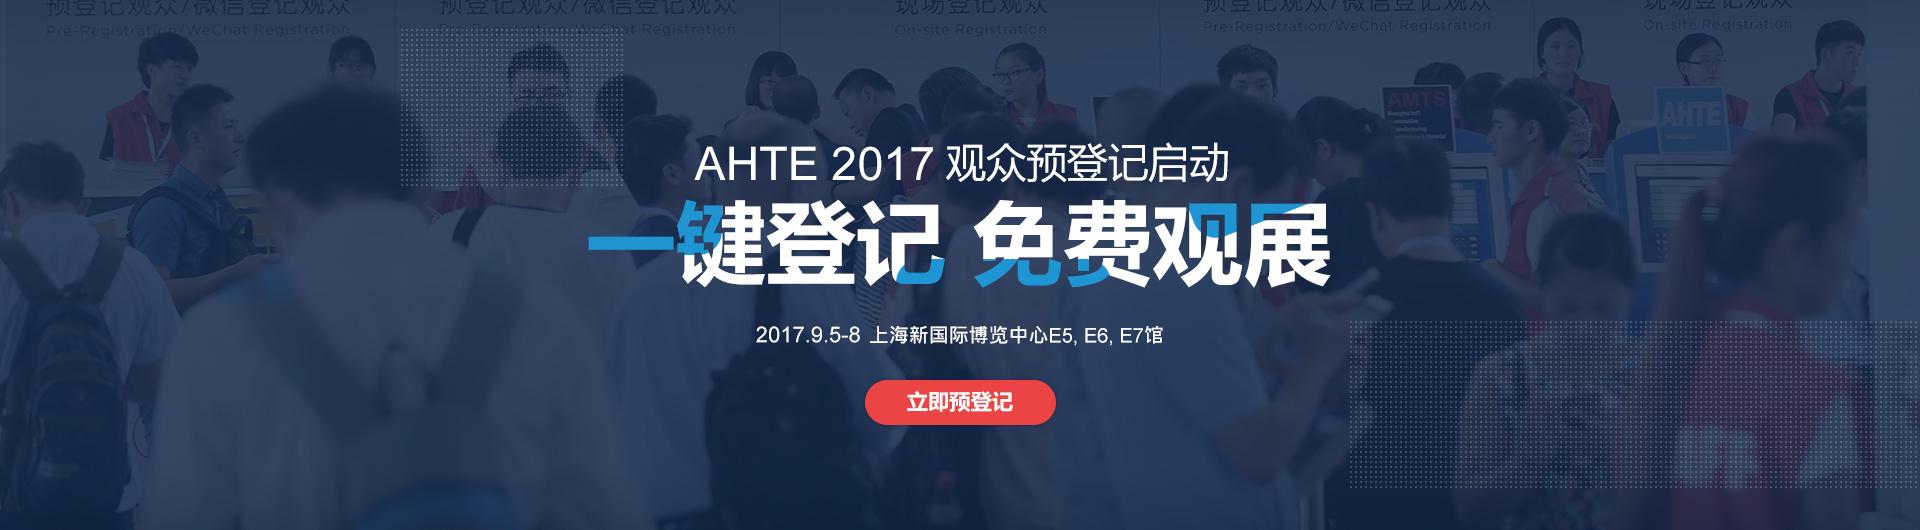 2017预登记